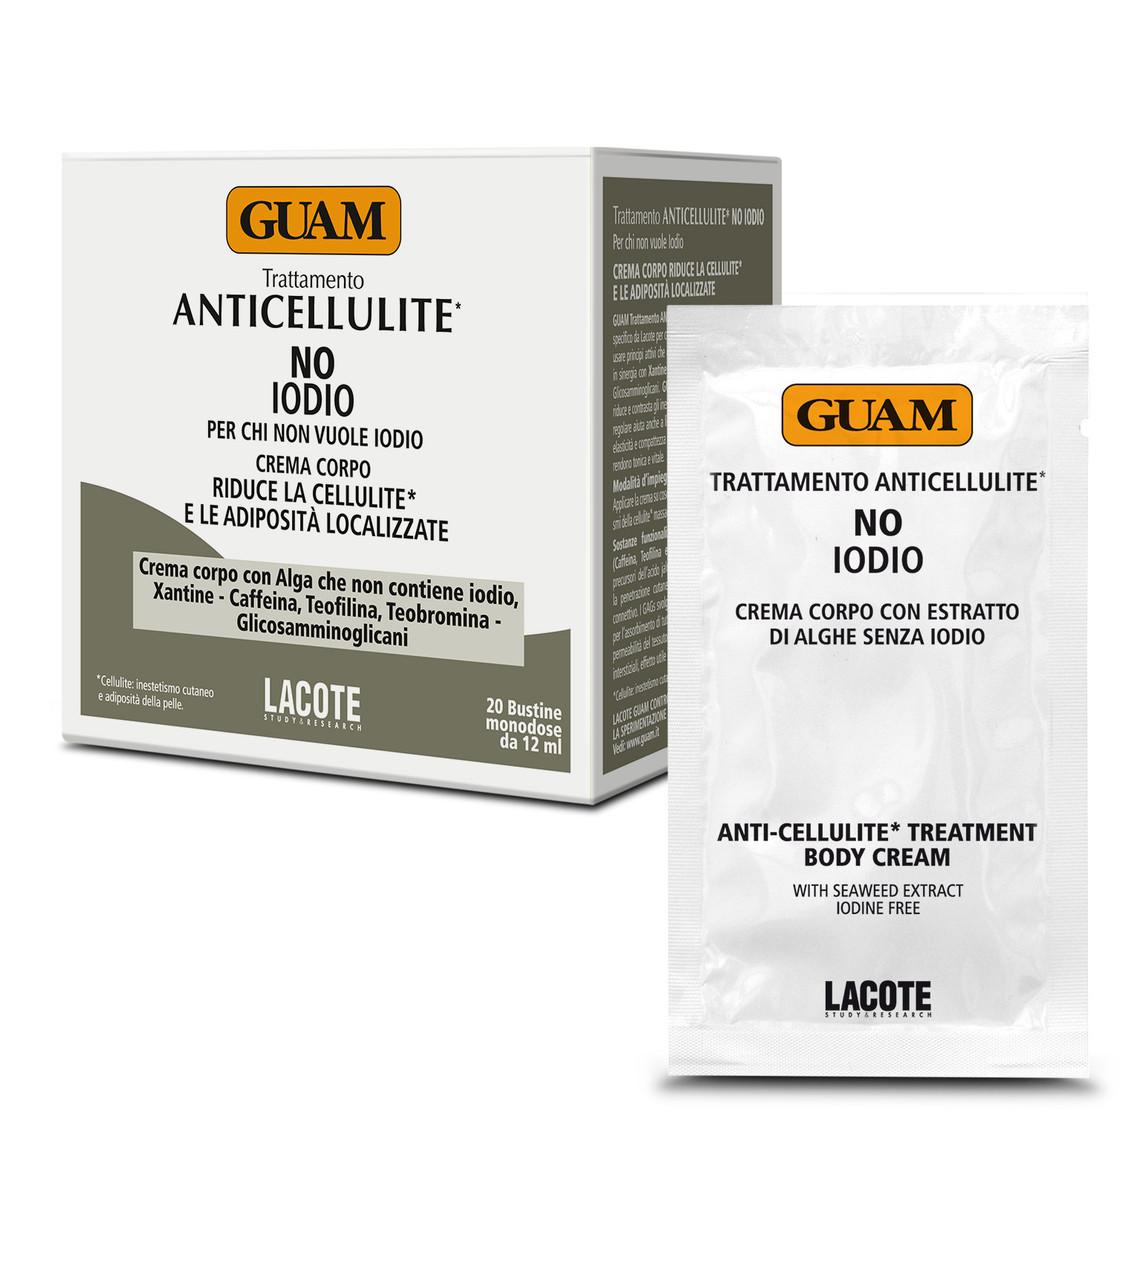 GUAM Антицеллюлитный крем для тела без содержания йода